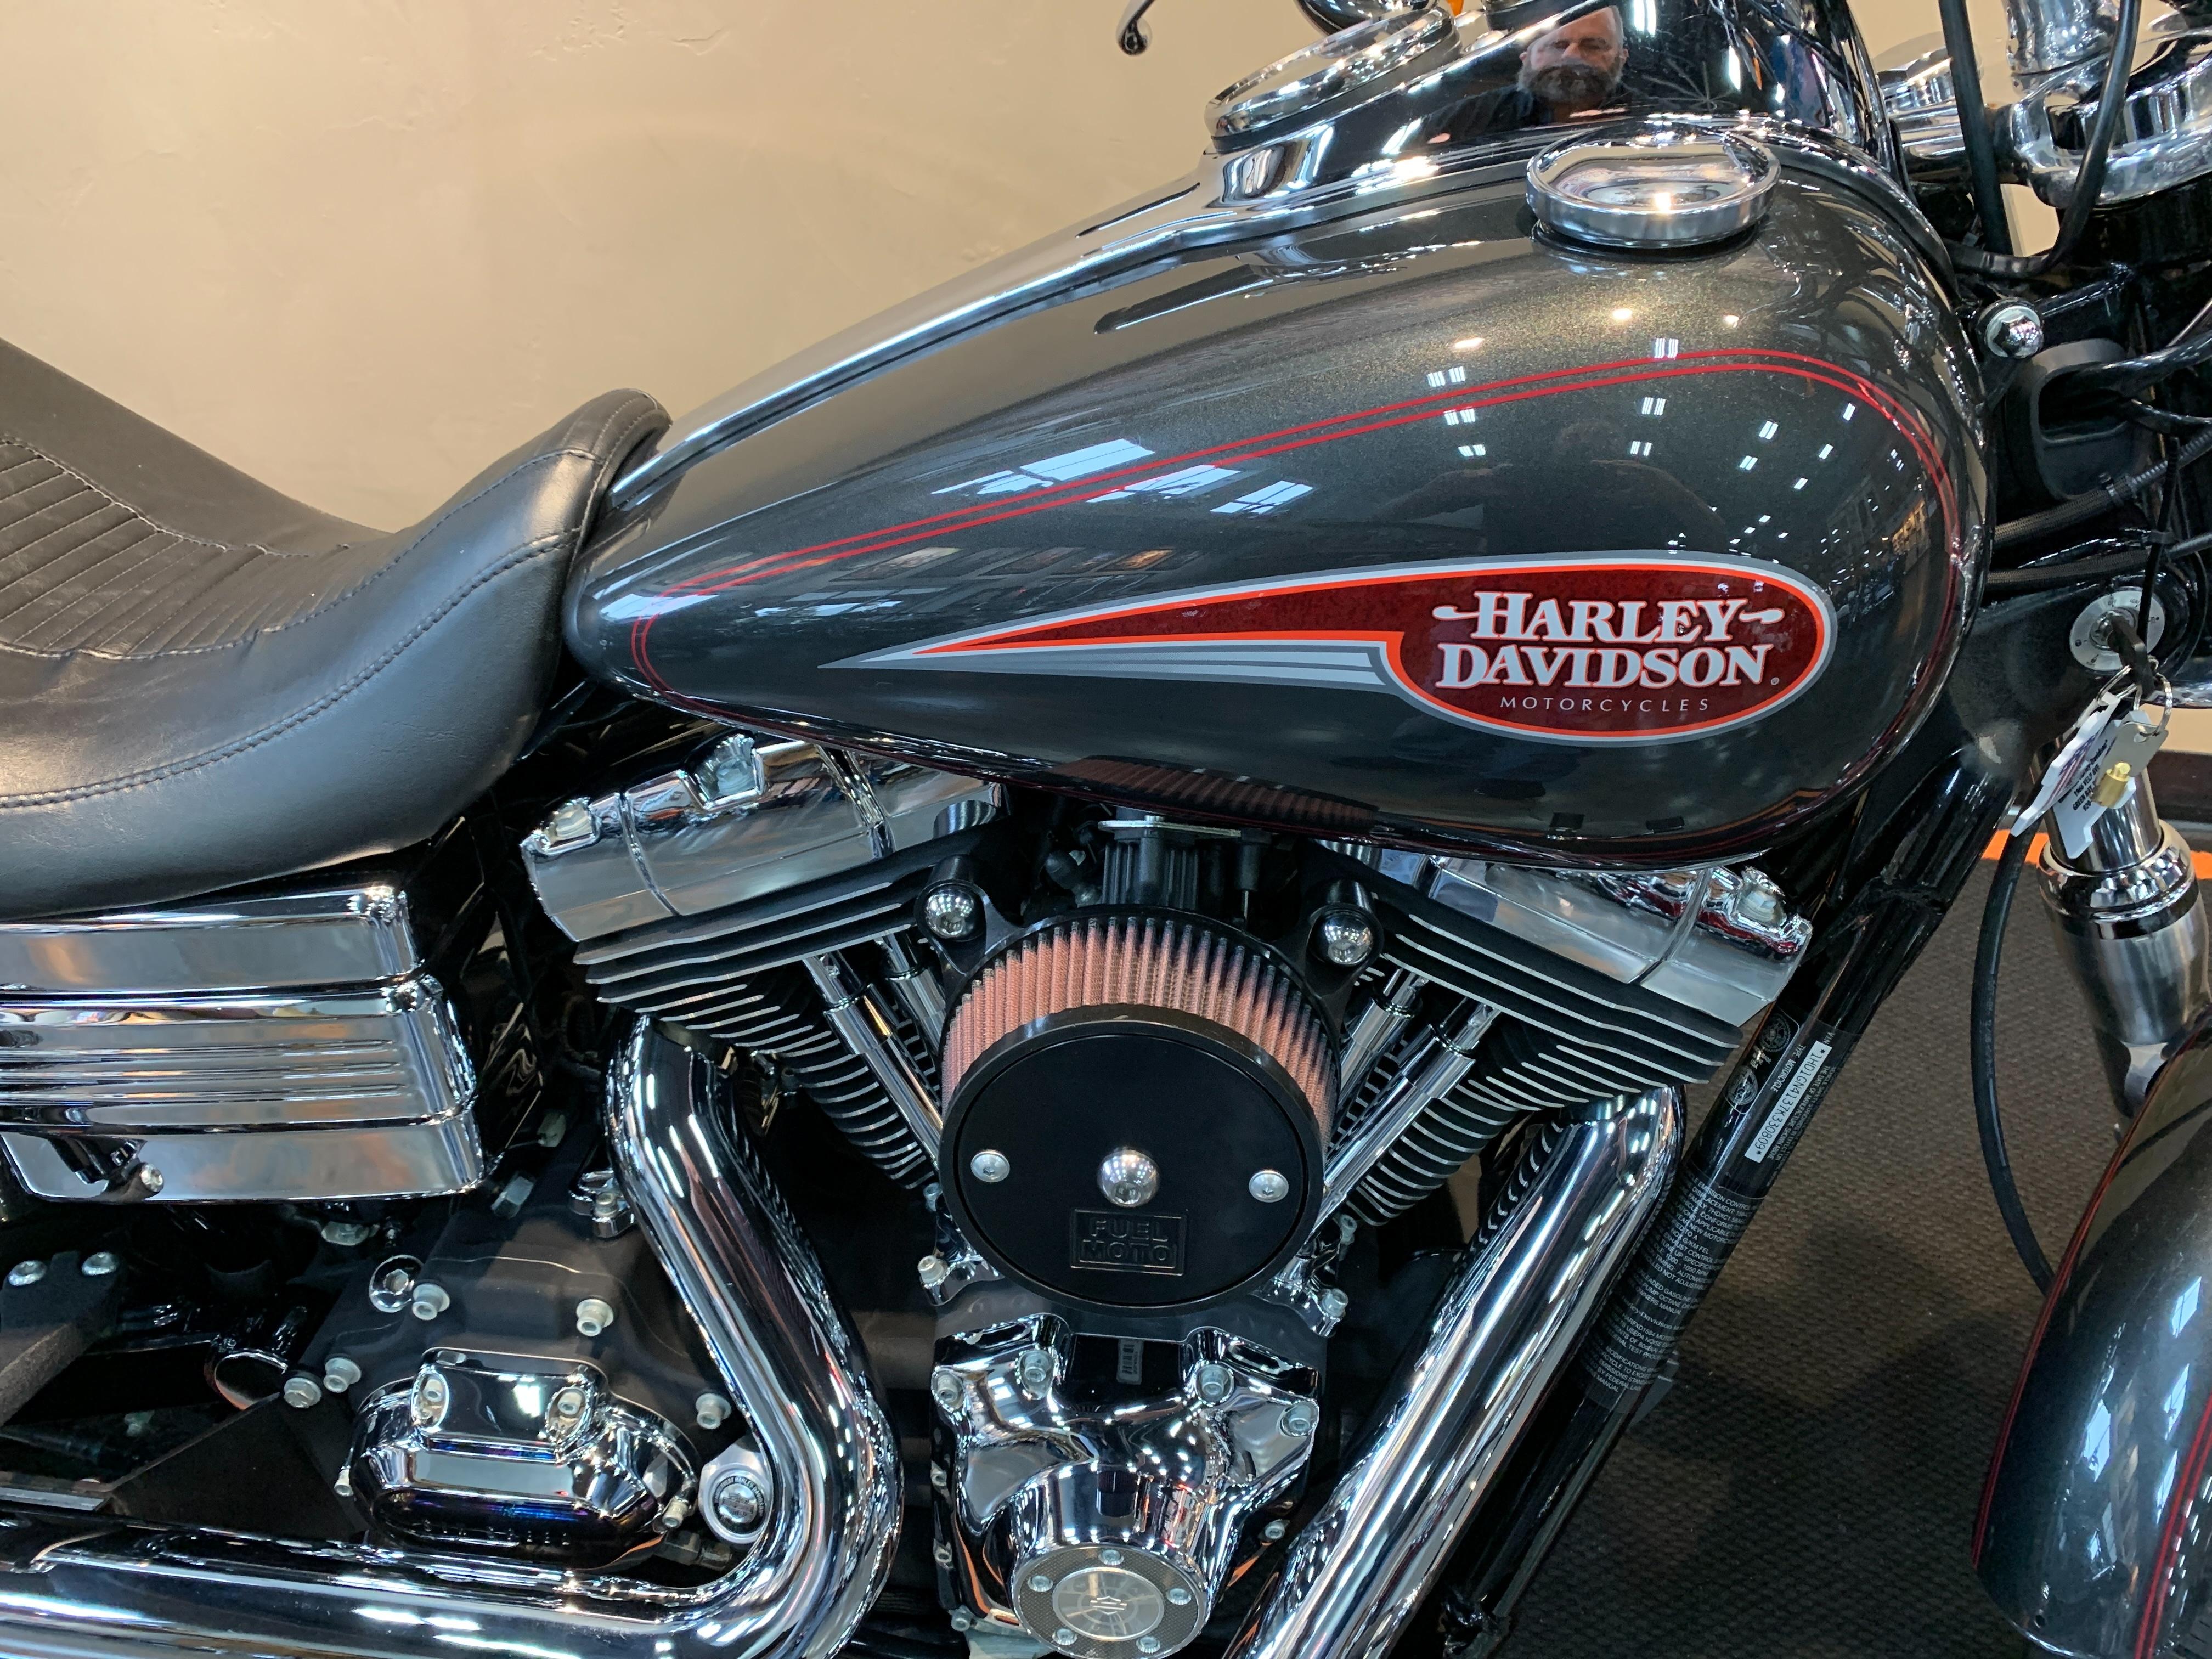 2007 Harley-Davidson Dyna Glide Low Rider at Vandervest Harley-Davidson, Green Bay, WI 54303